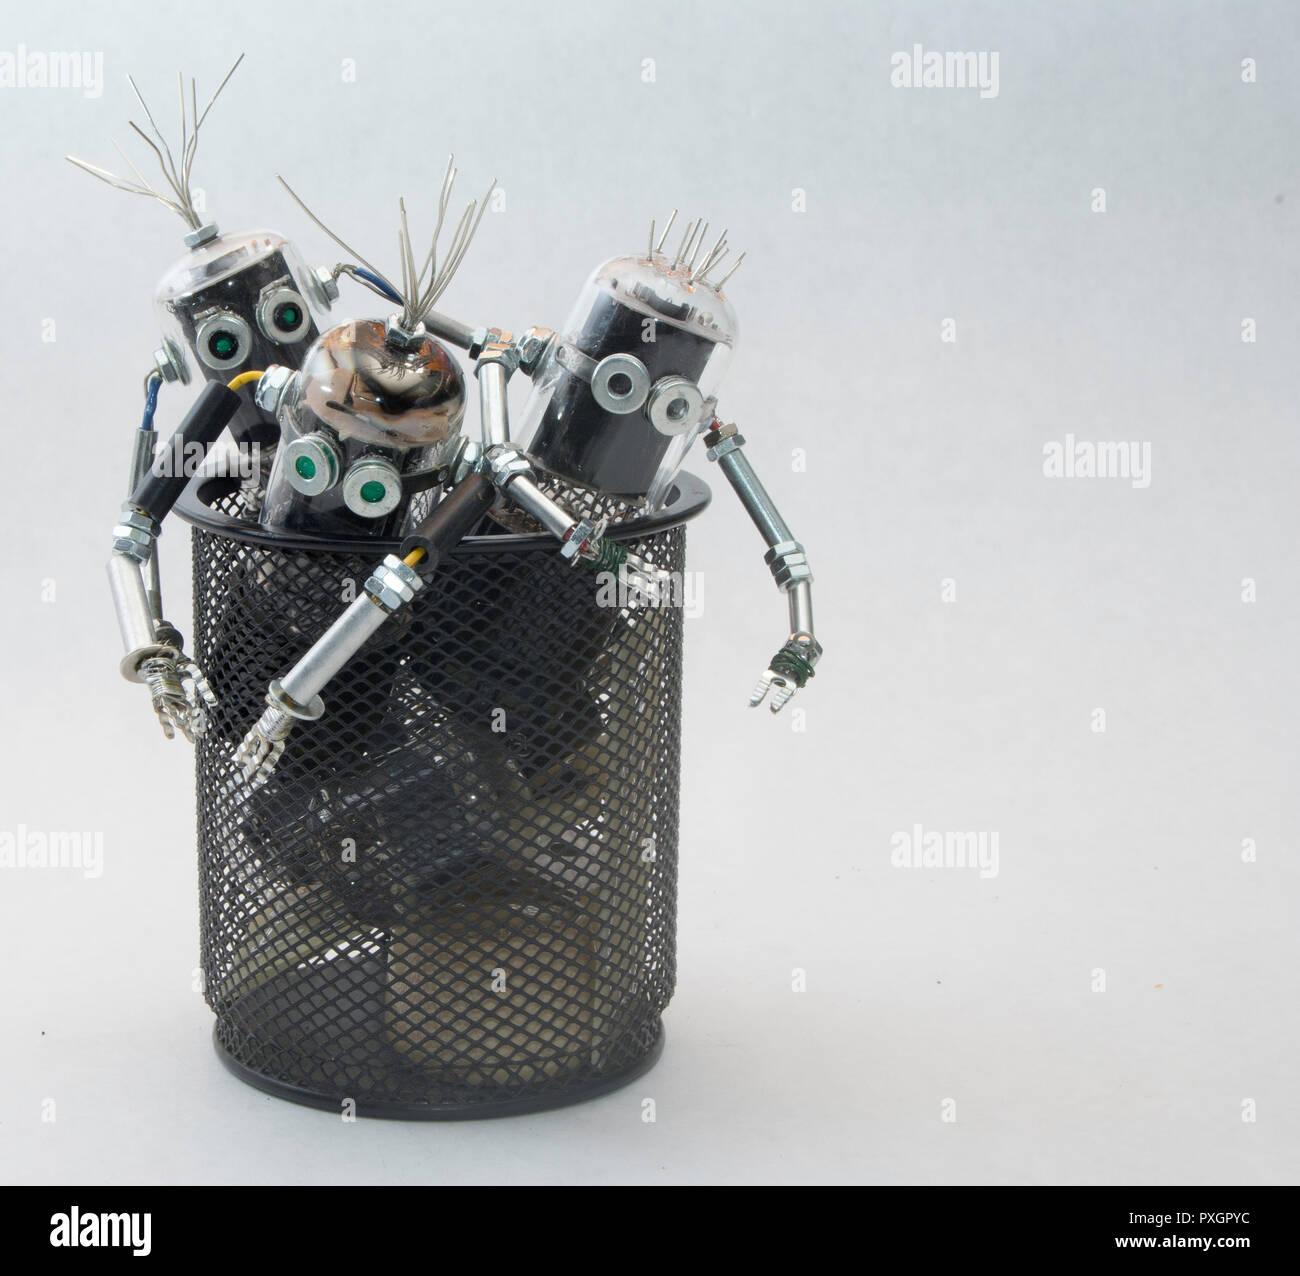 Laissez-les vivre - Recycler les déchets électroniques concept Photo Stock